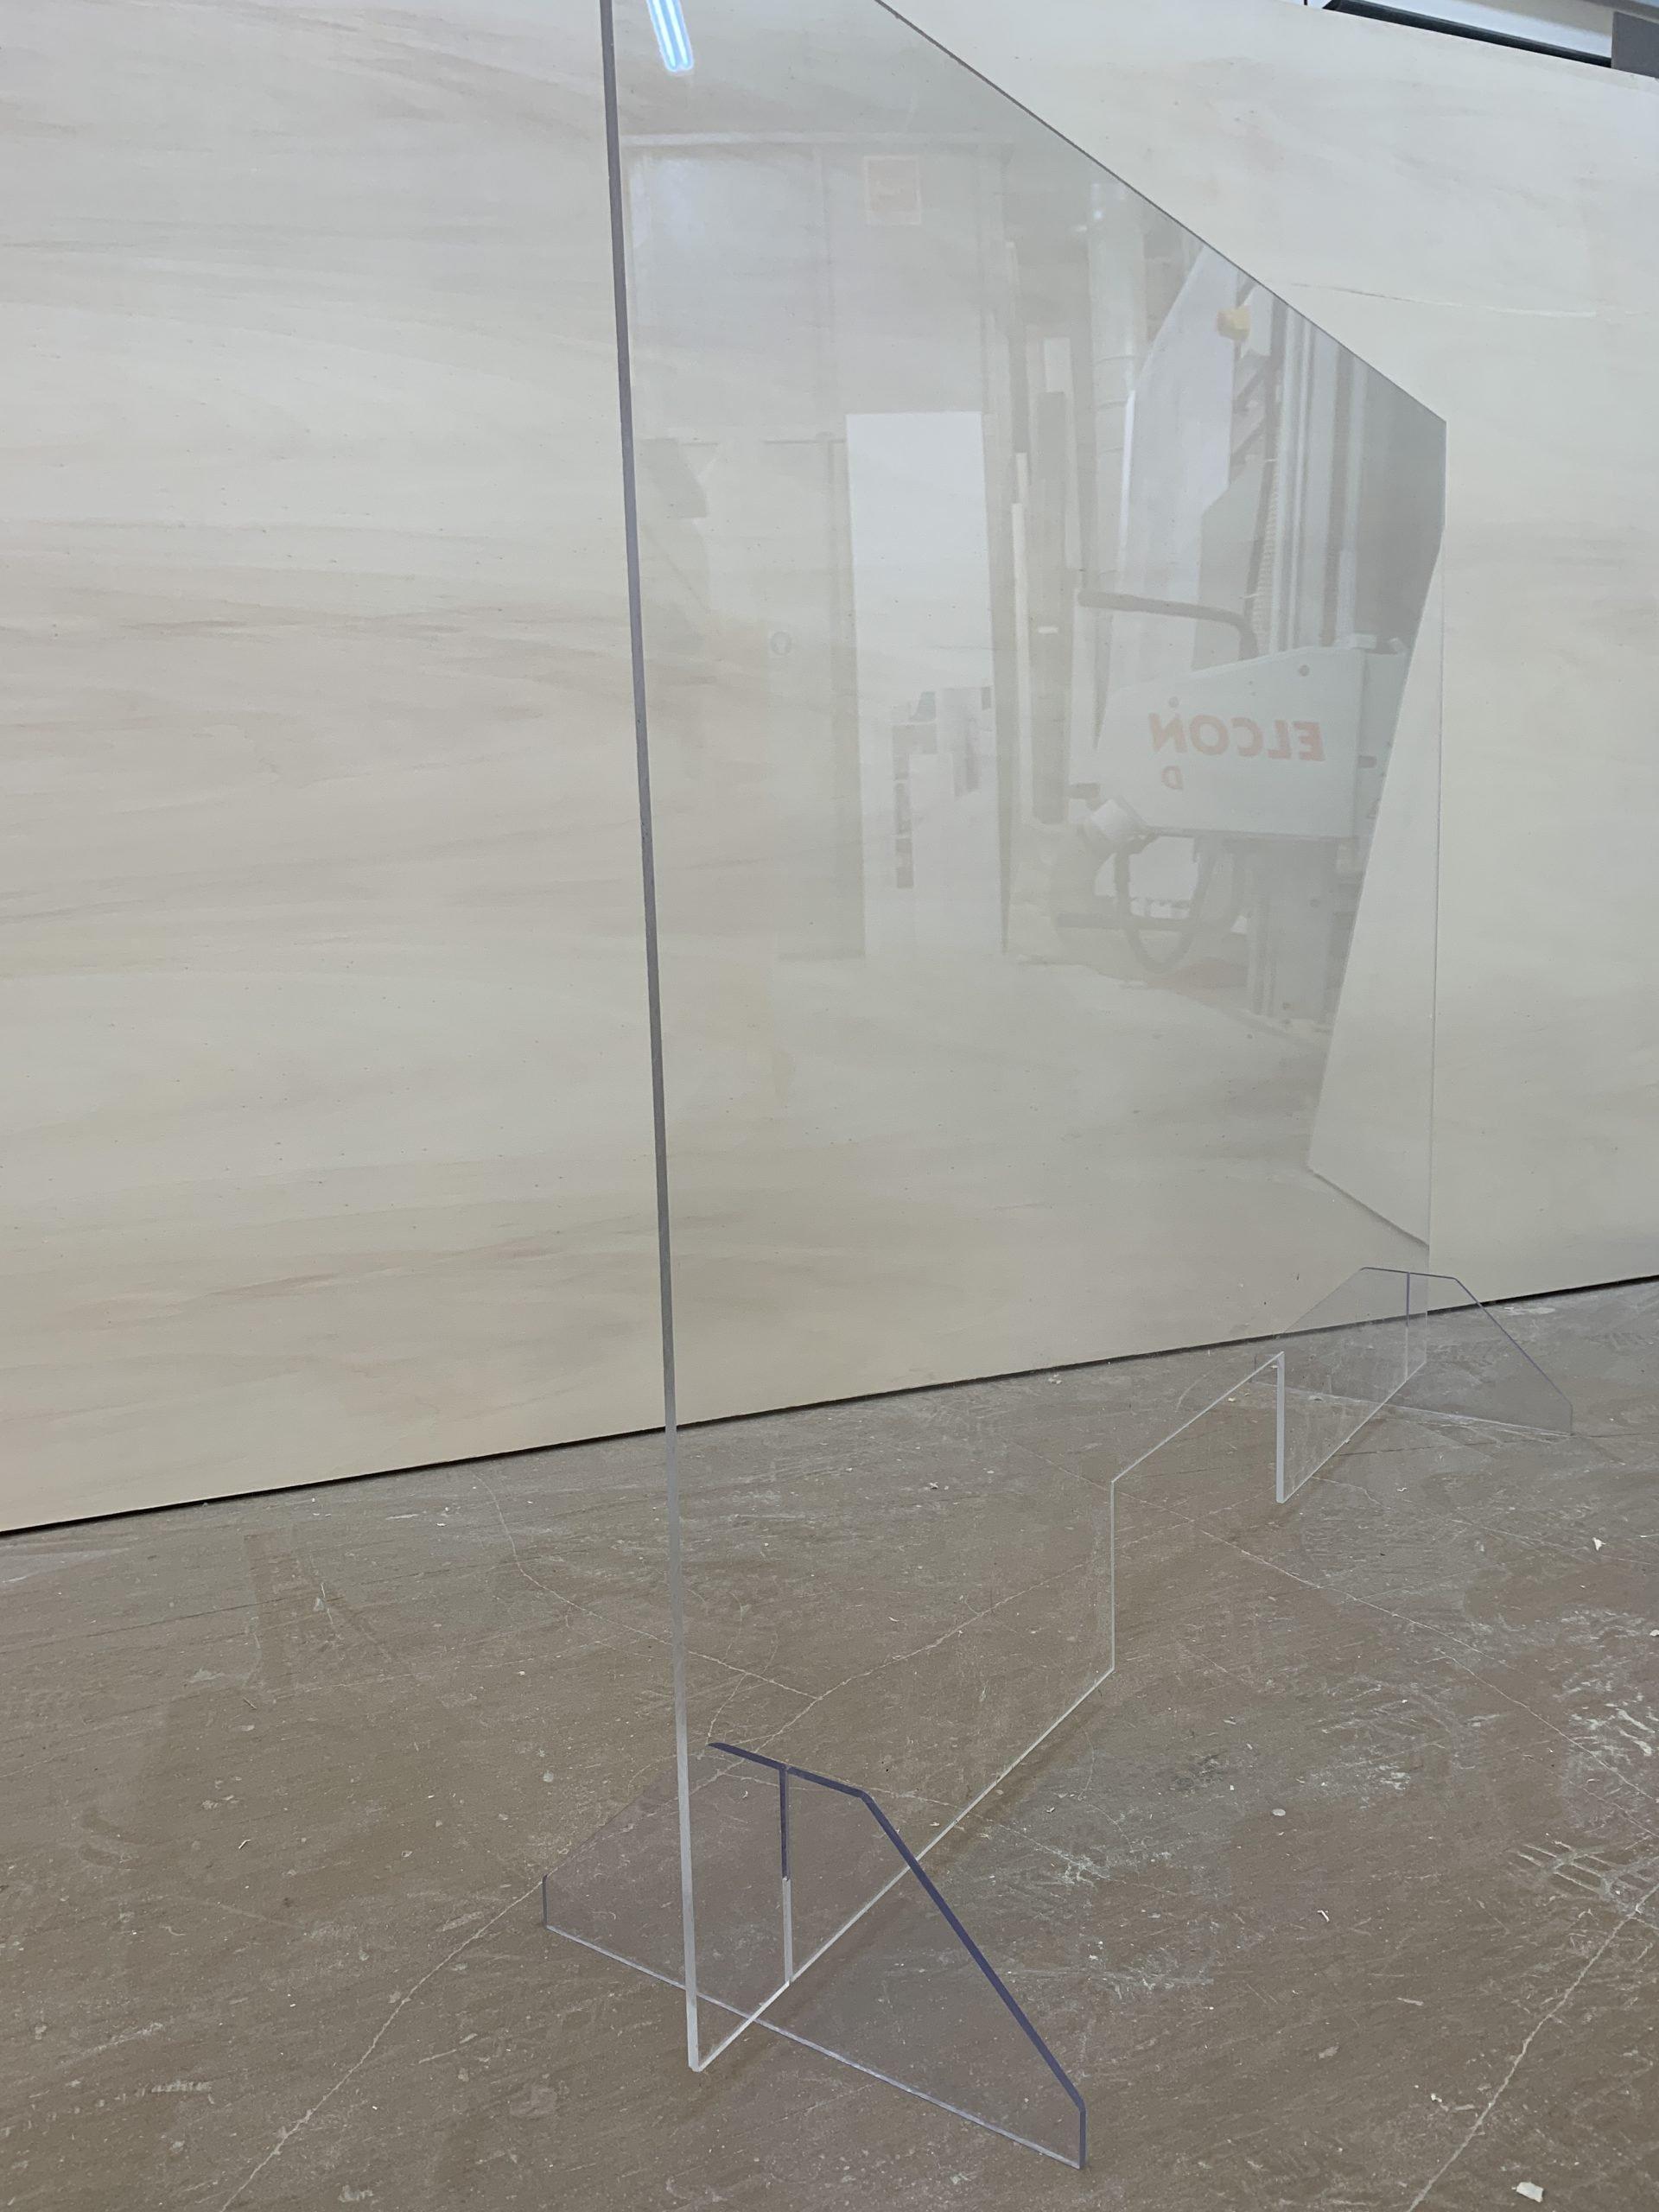 Parafiato Separè Protezione Policarbonato Compatto 4 Mm intérieur Plexiglass Brico